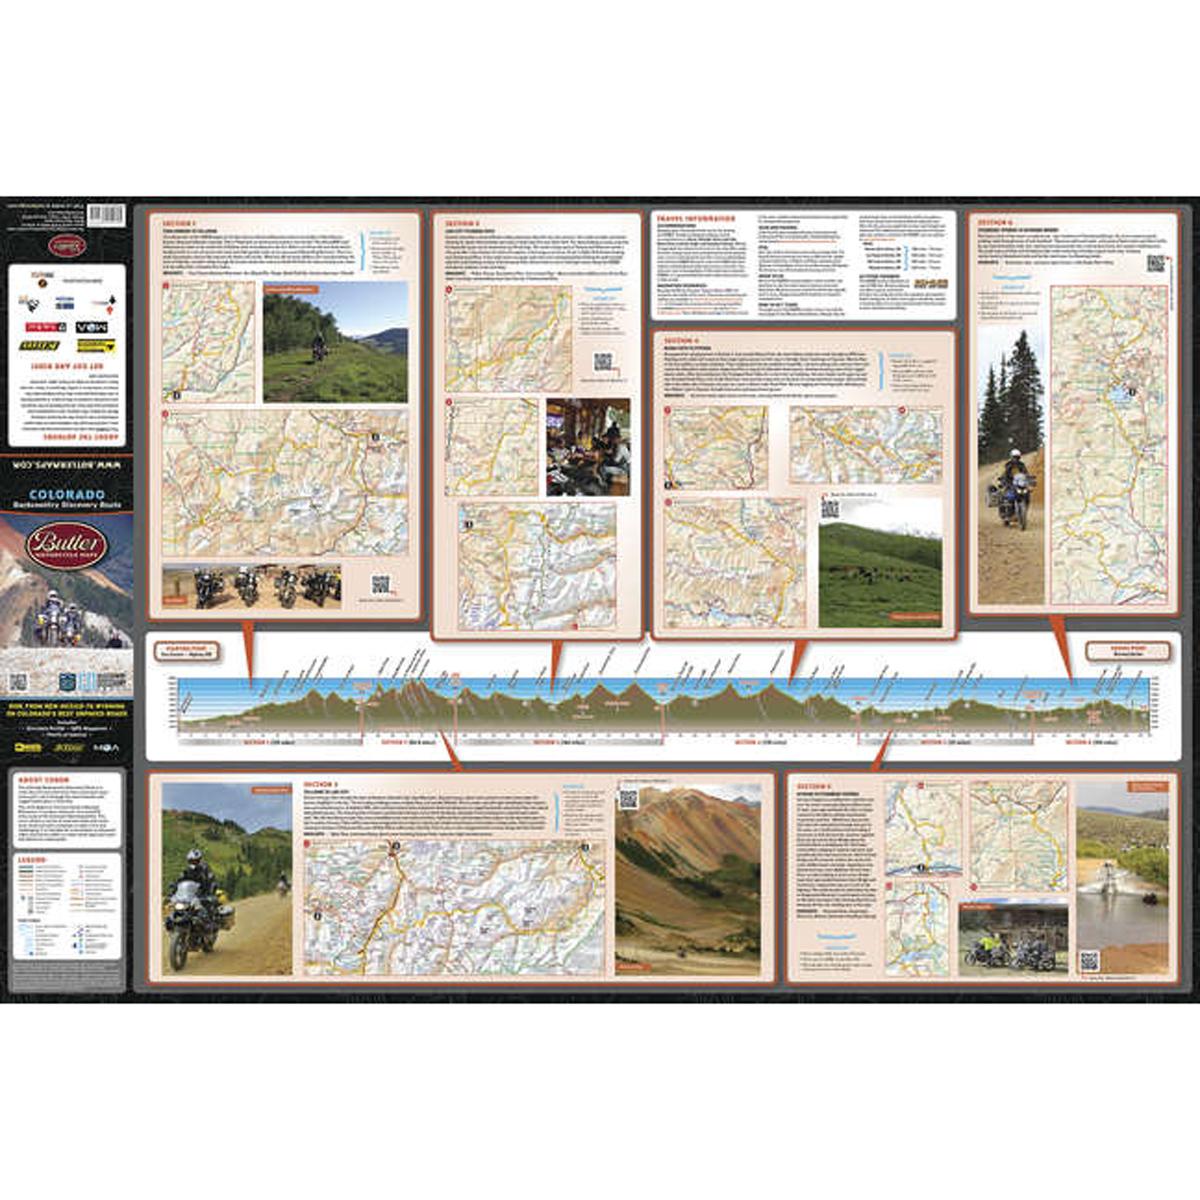 Butler Maps Colorado Backcountry Discovery Routes Map